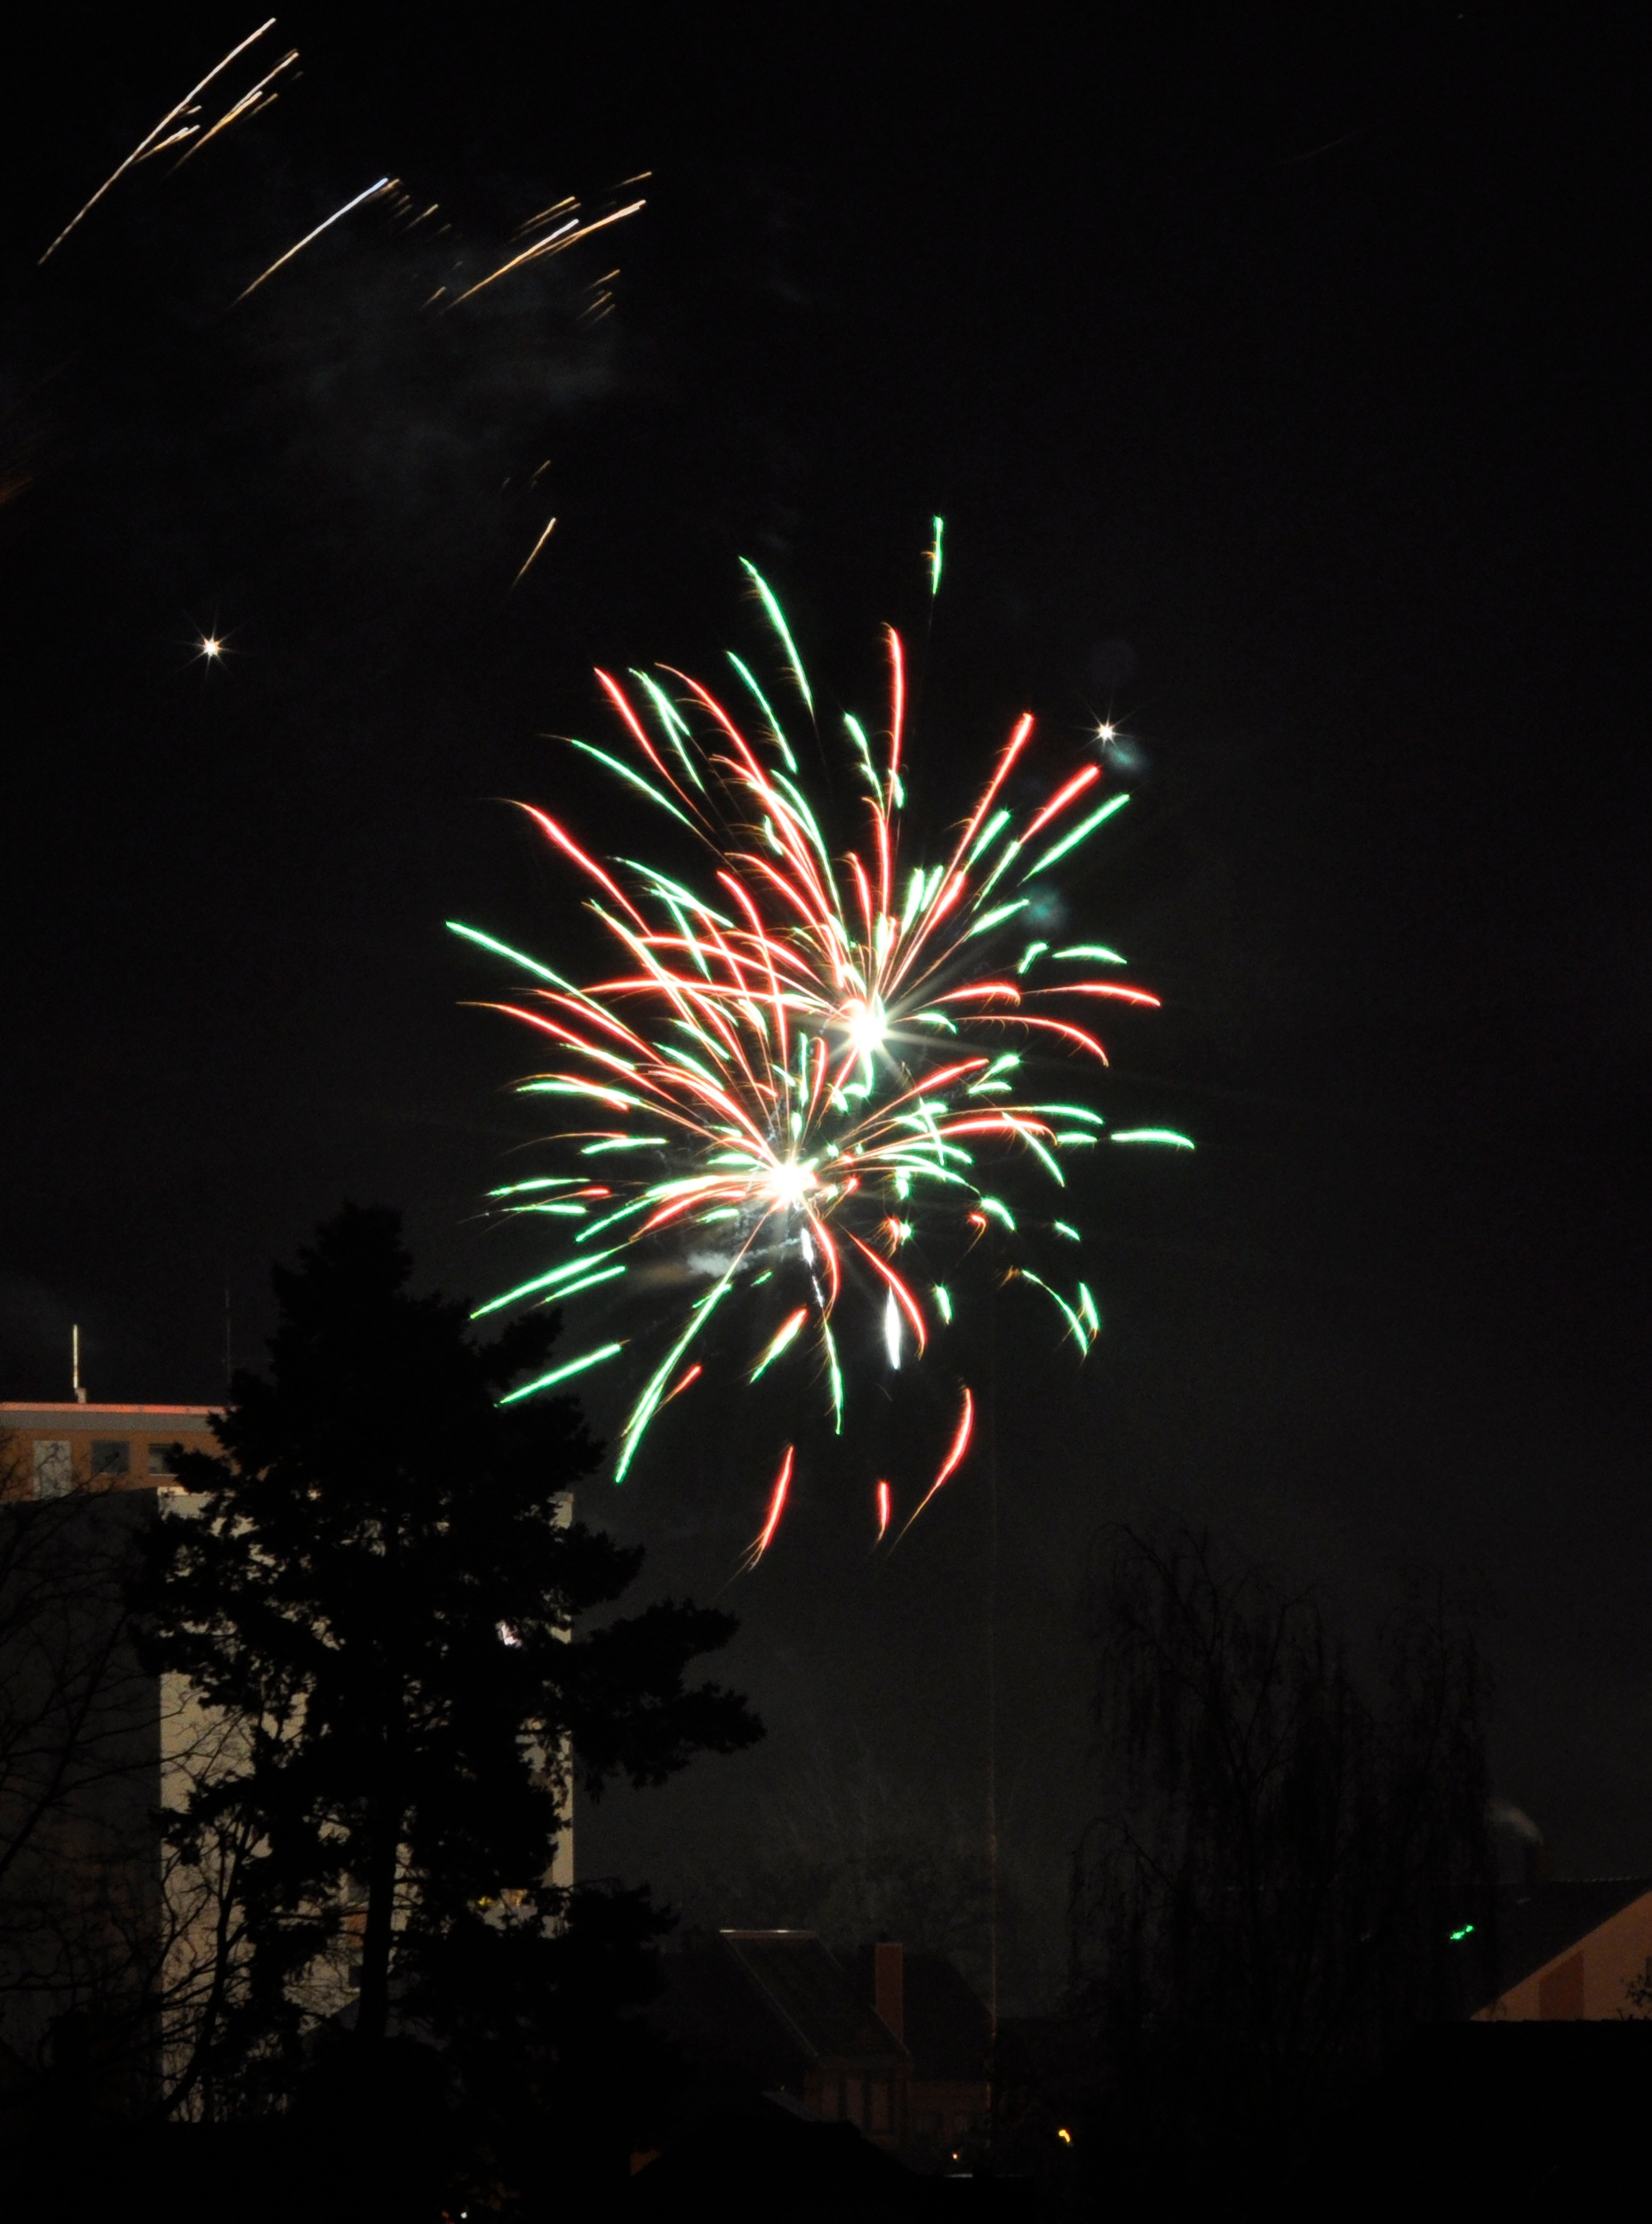 Klicken Sie auf die Grafik für eine größere Ansicht  Name:Silvester 2012 rotgrüne Rakete.JPG Hits:6046 Größe:1,53 MB ID:613683